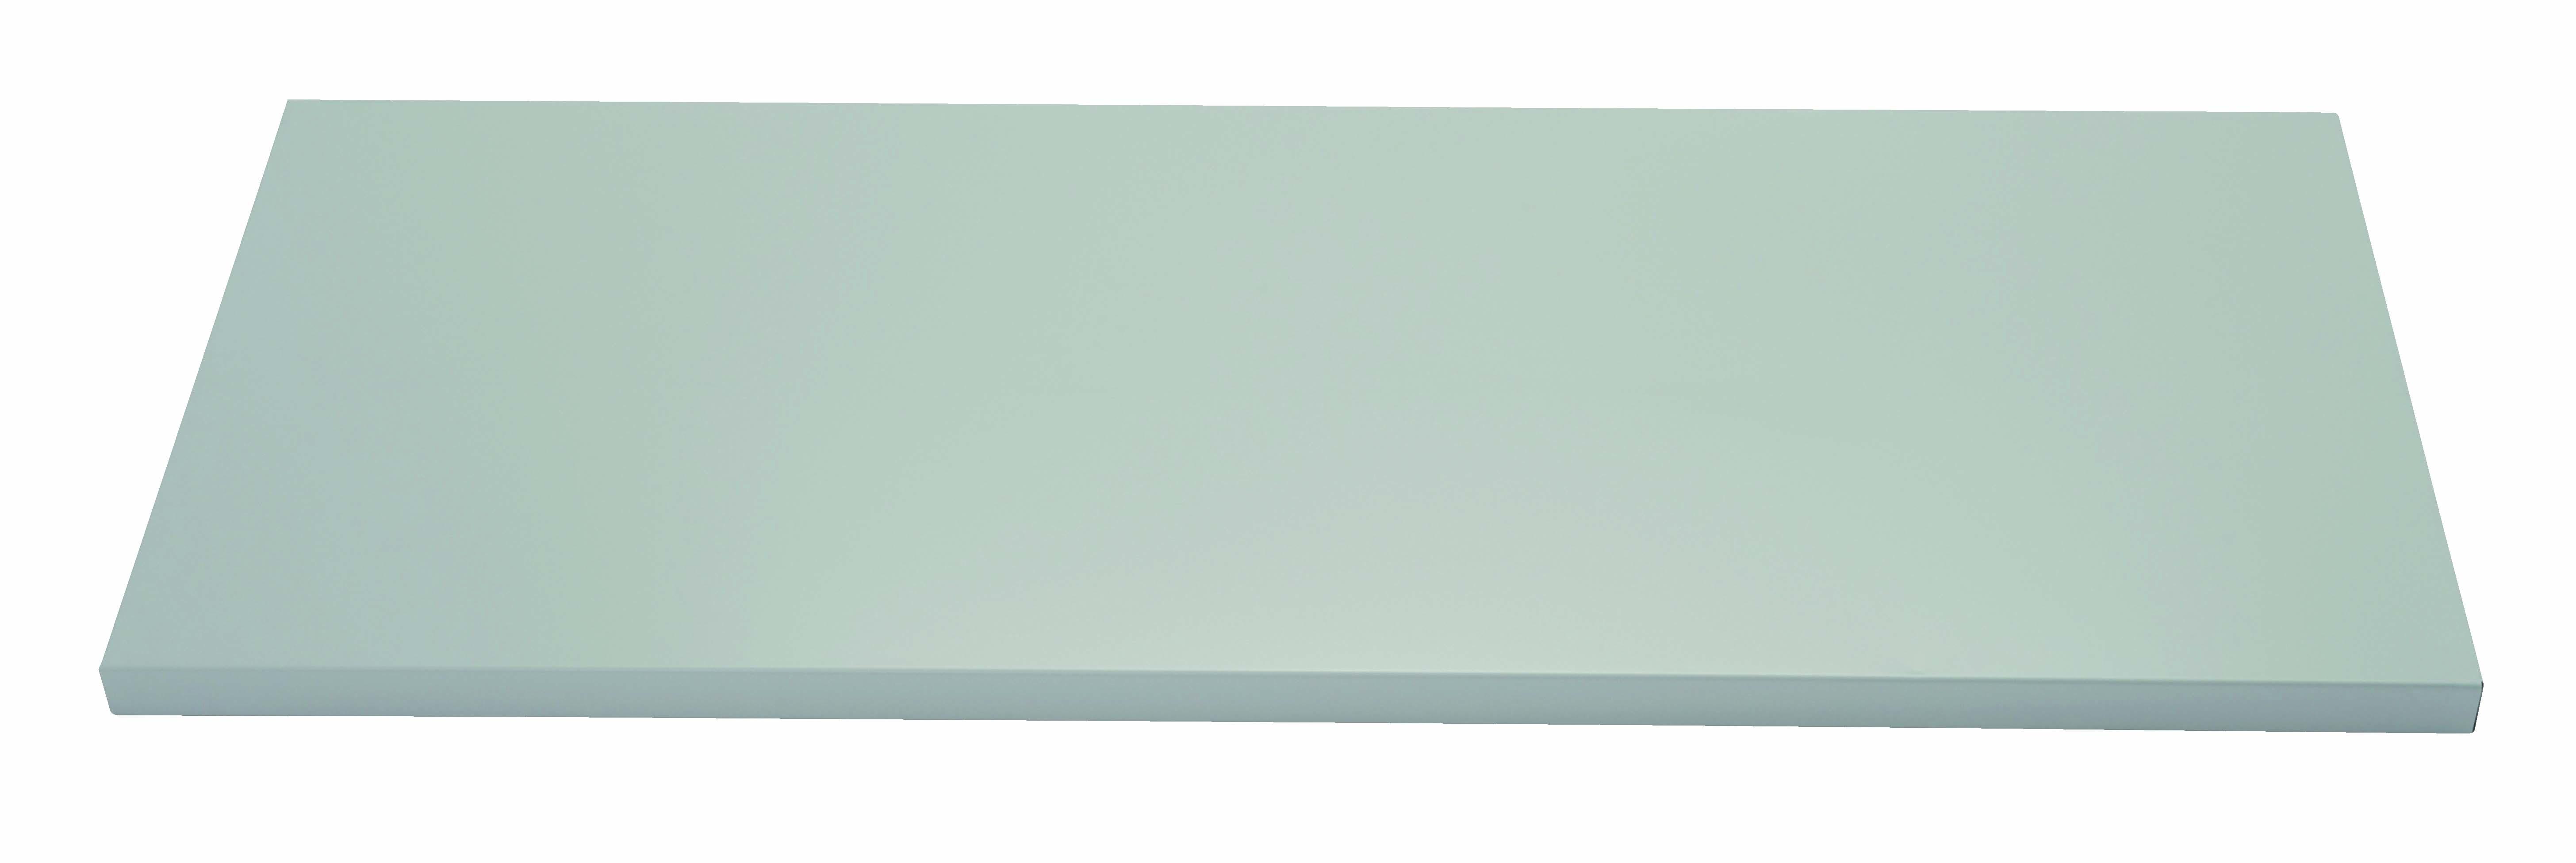 Fachboden mit Lateralhängevorrichtung für Flügeltürenschrank Universal, B 914 mm, Farbe lichtgrau